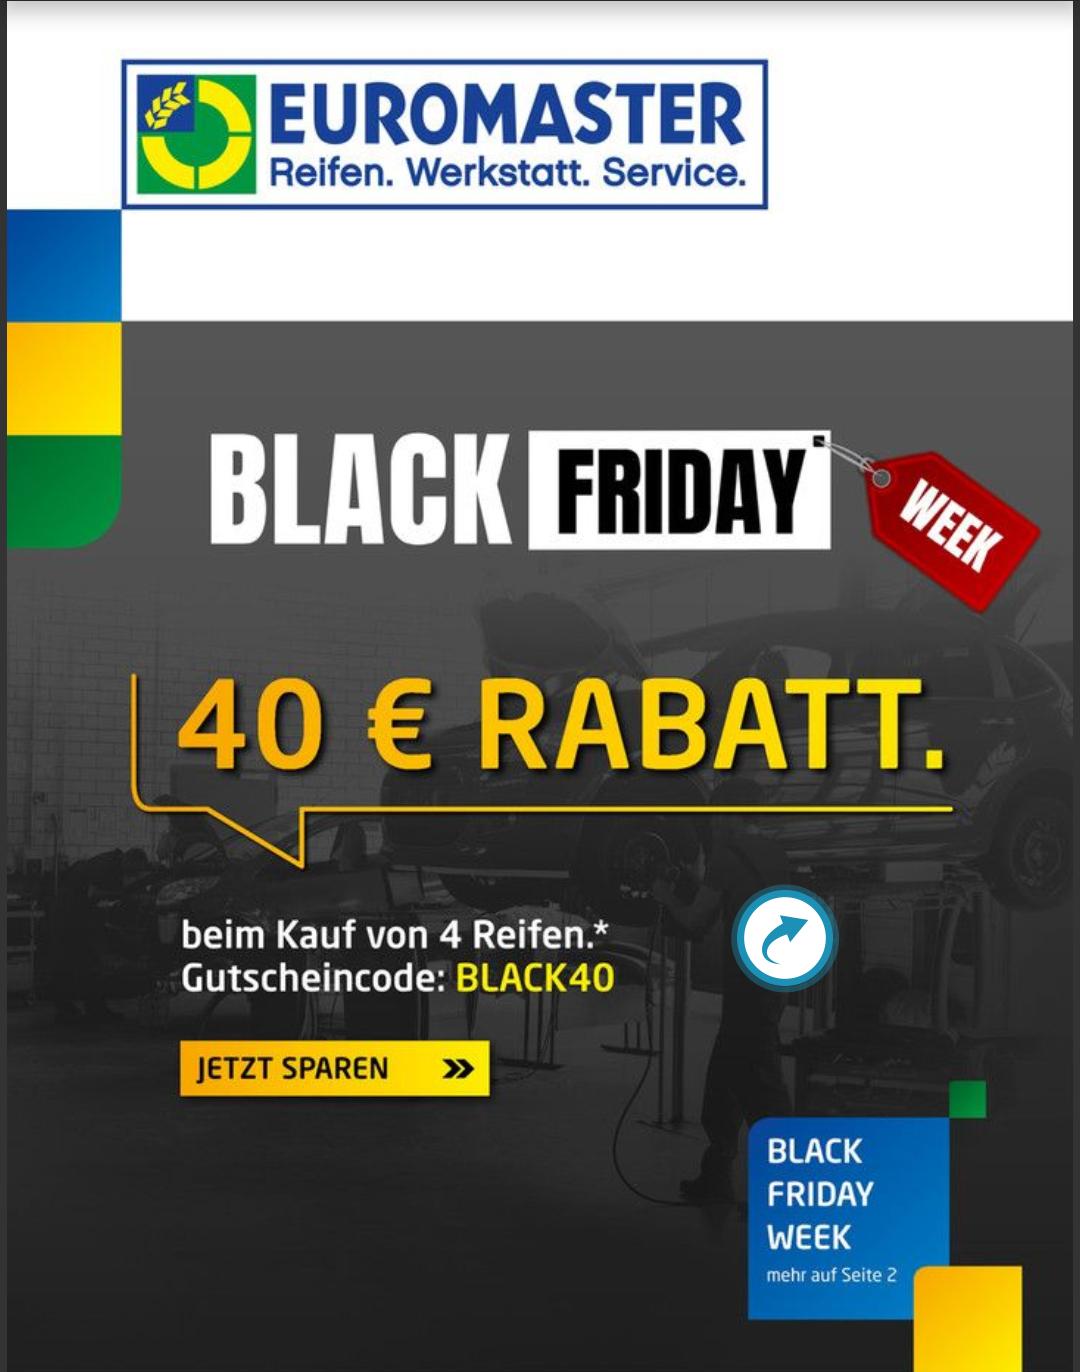 Euromaster Bundesweit 40€ Rabatt auf 4 Reifen mit Montage auf Inspektionen gibt es 50€ Rabatt